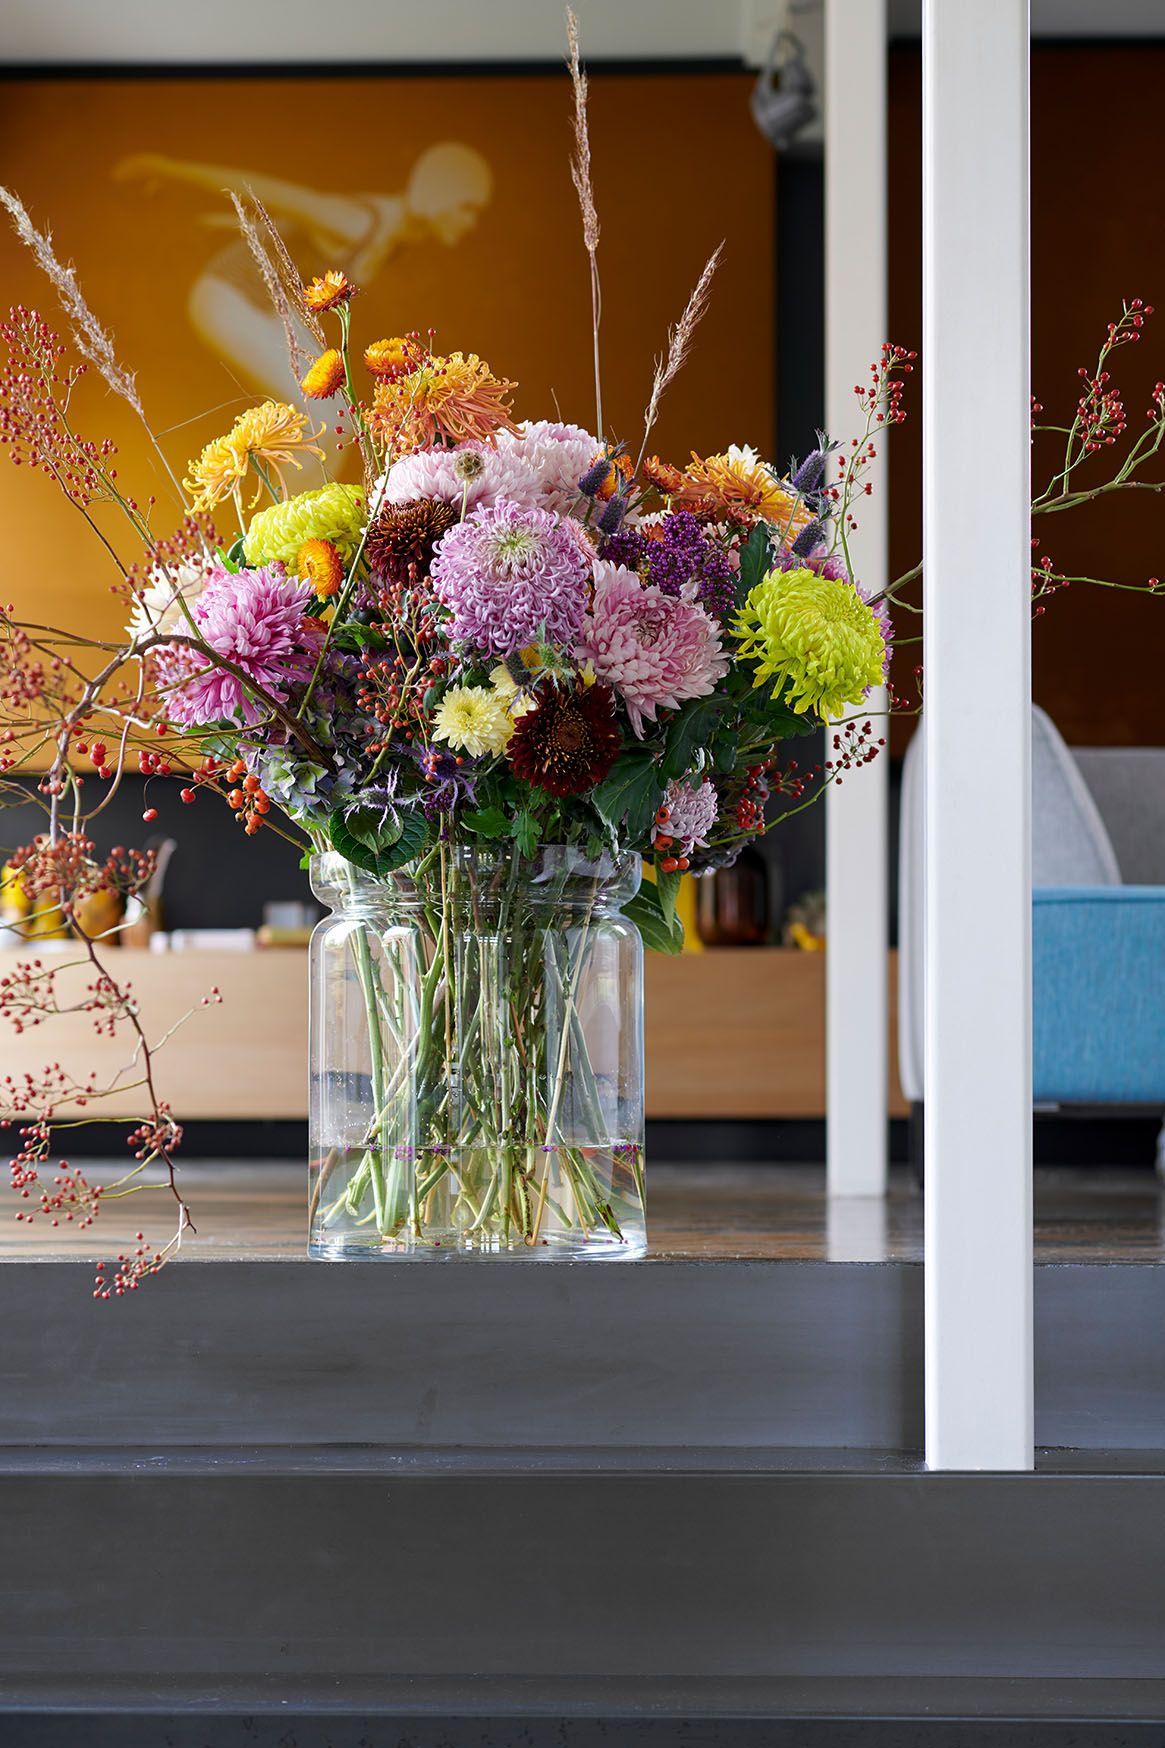 Les Chrysanthèmes Fleurs Coussin Housse fleurs bouquet nature jardin balcon Asie